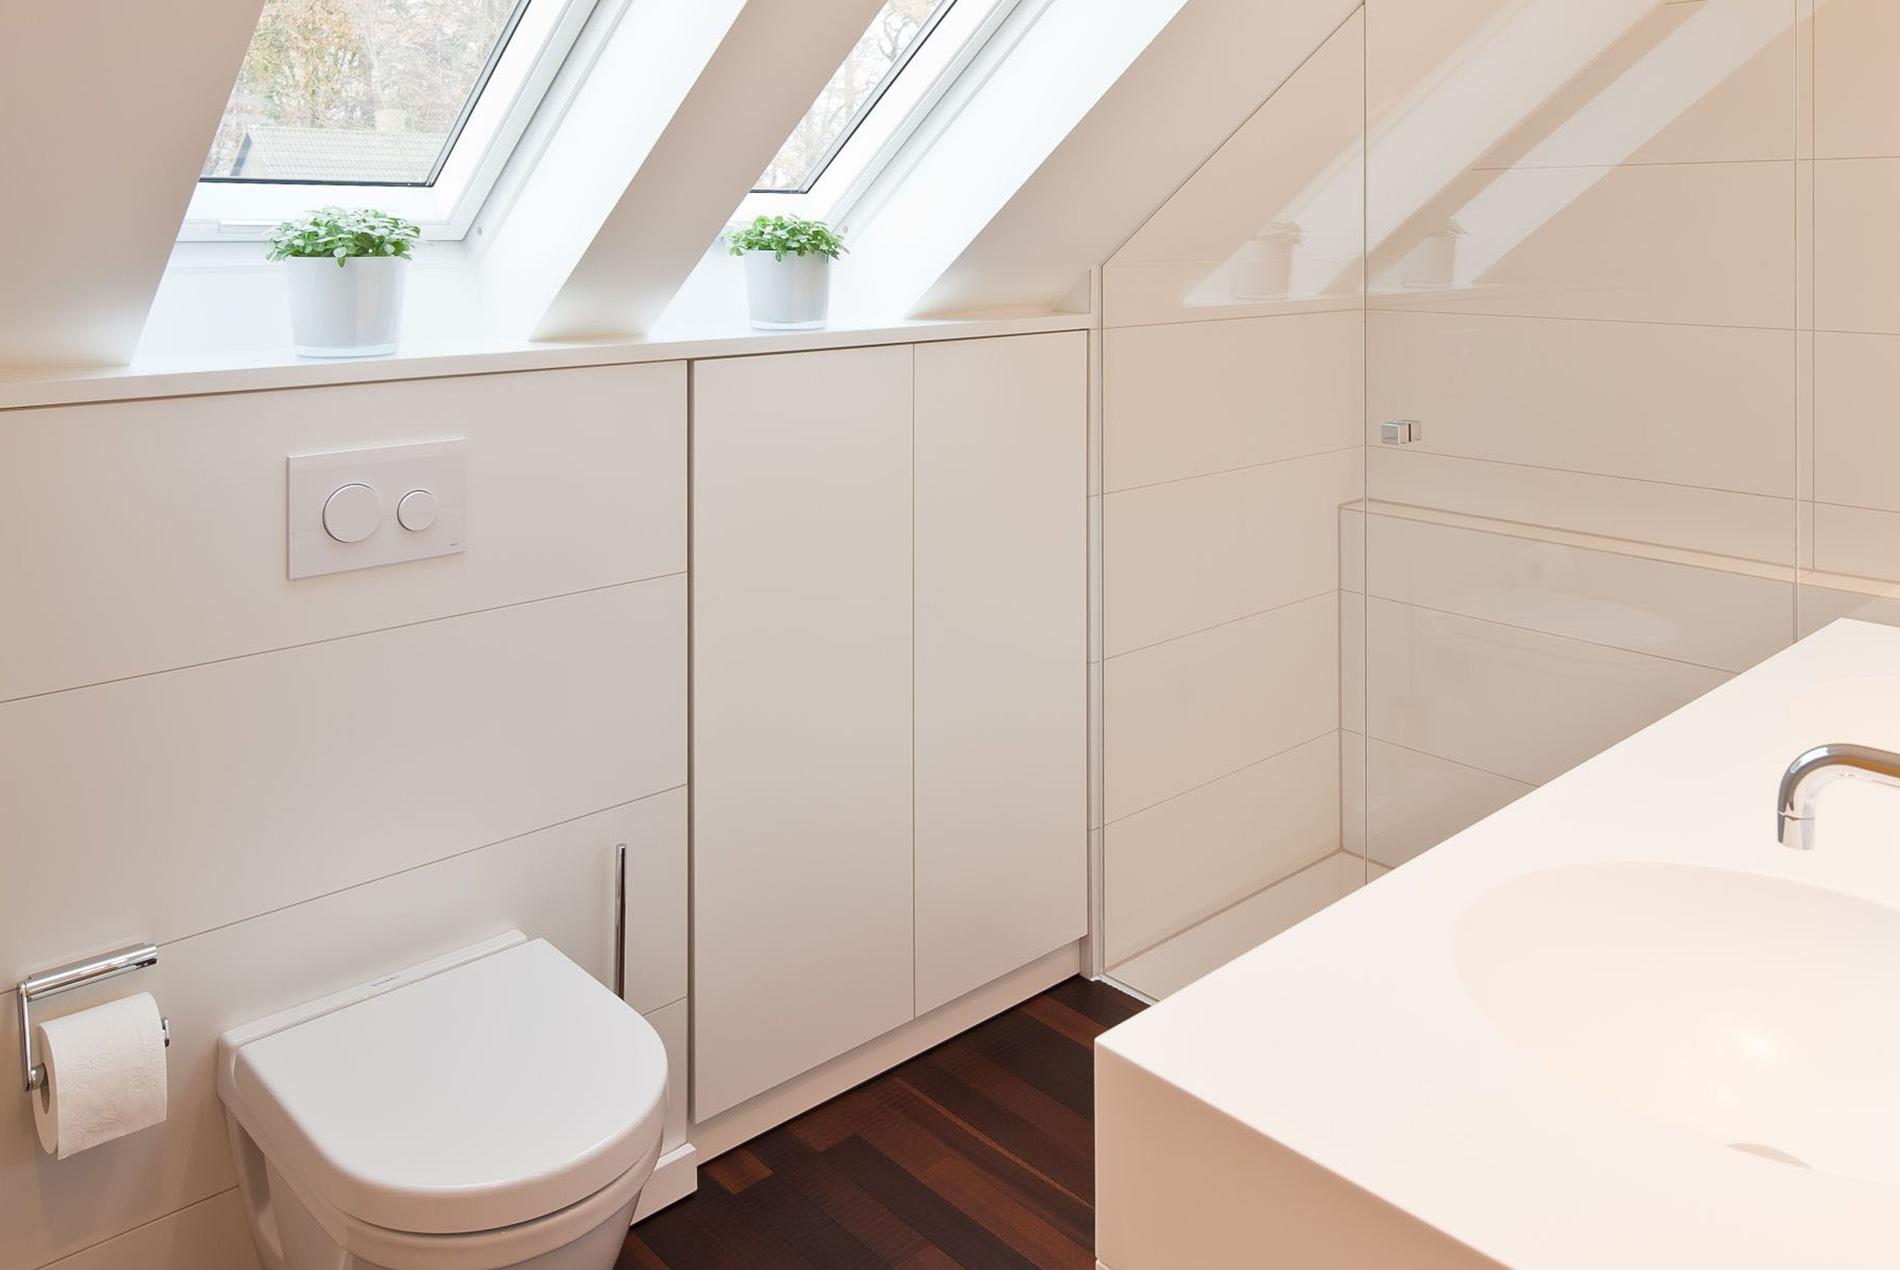 Helles Bad mit Dachschräge und Glasdusche - Tischlerei Schöpker